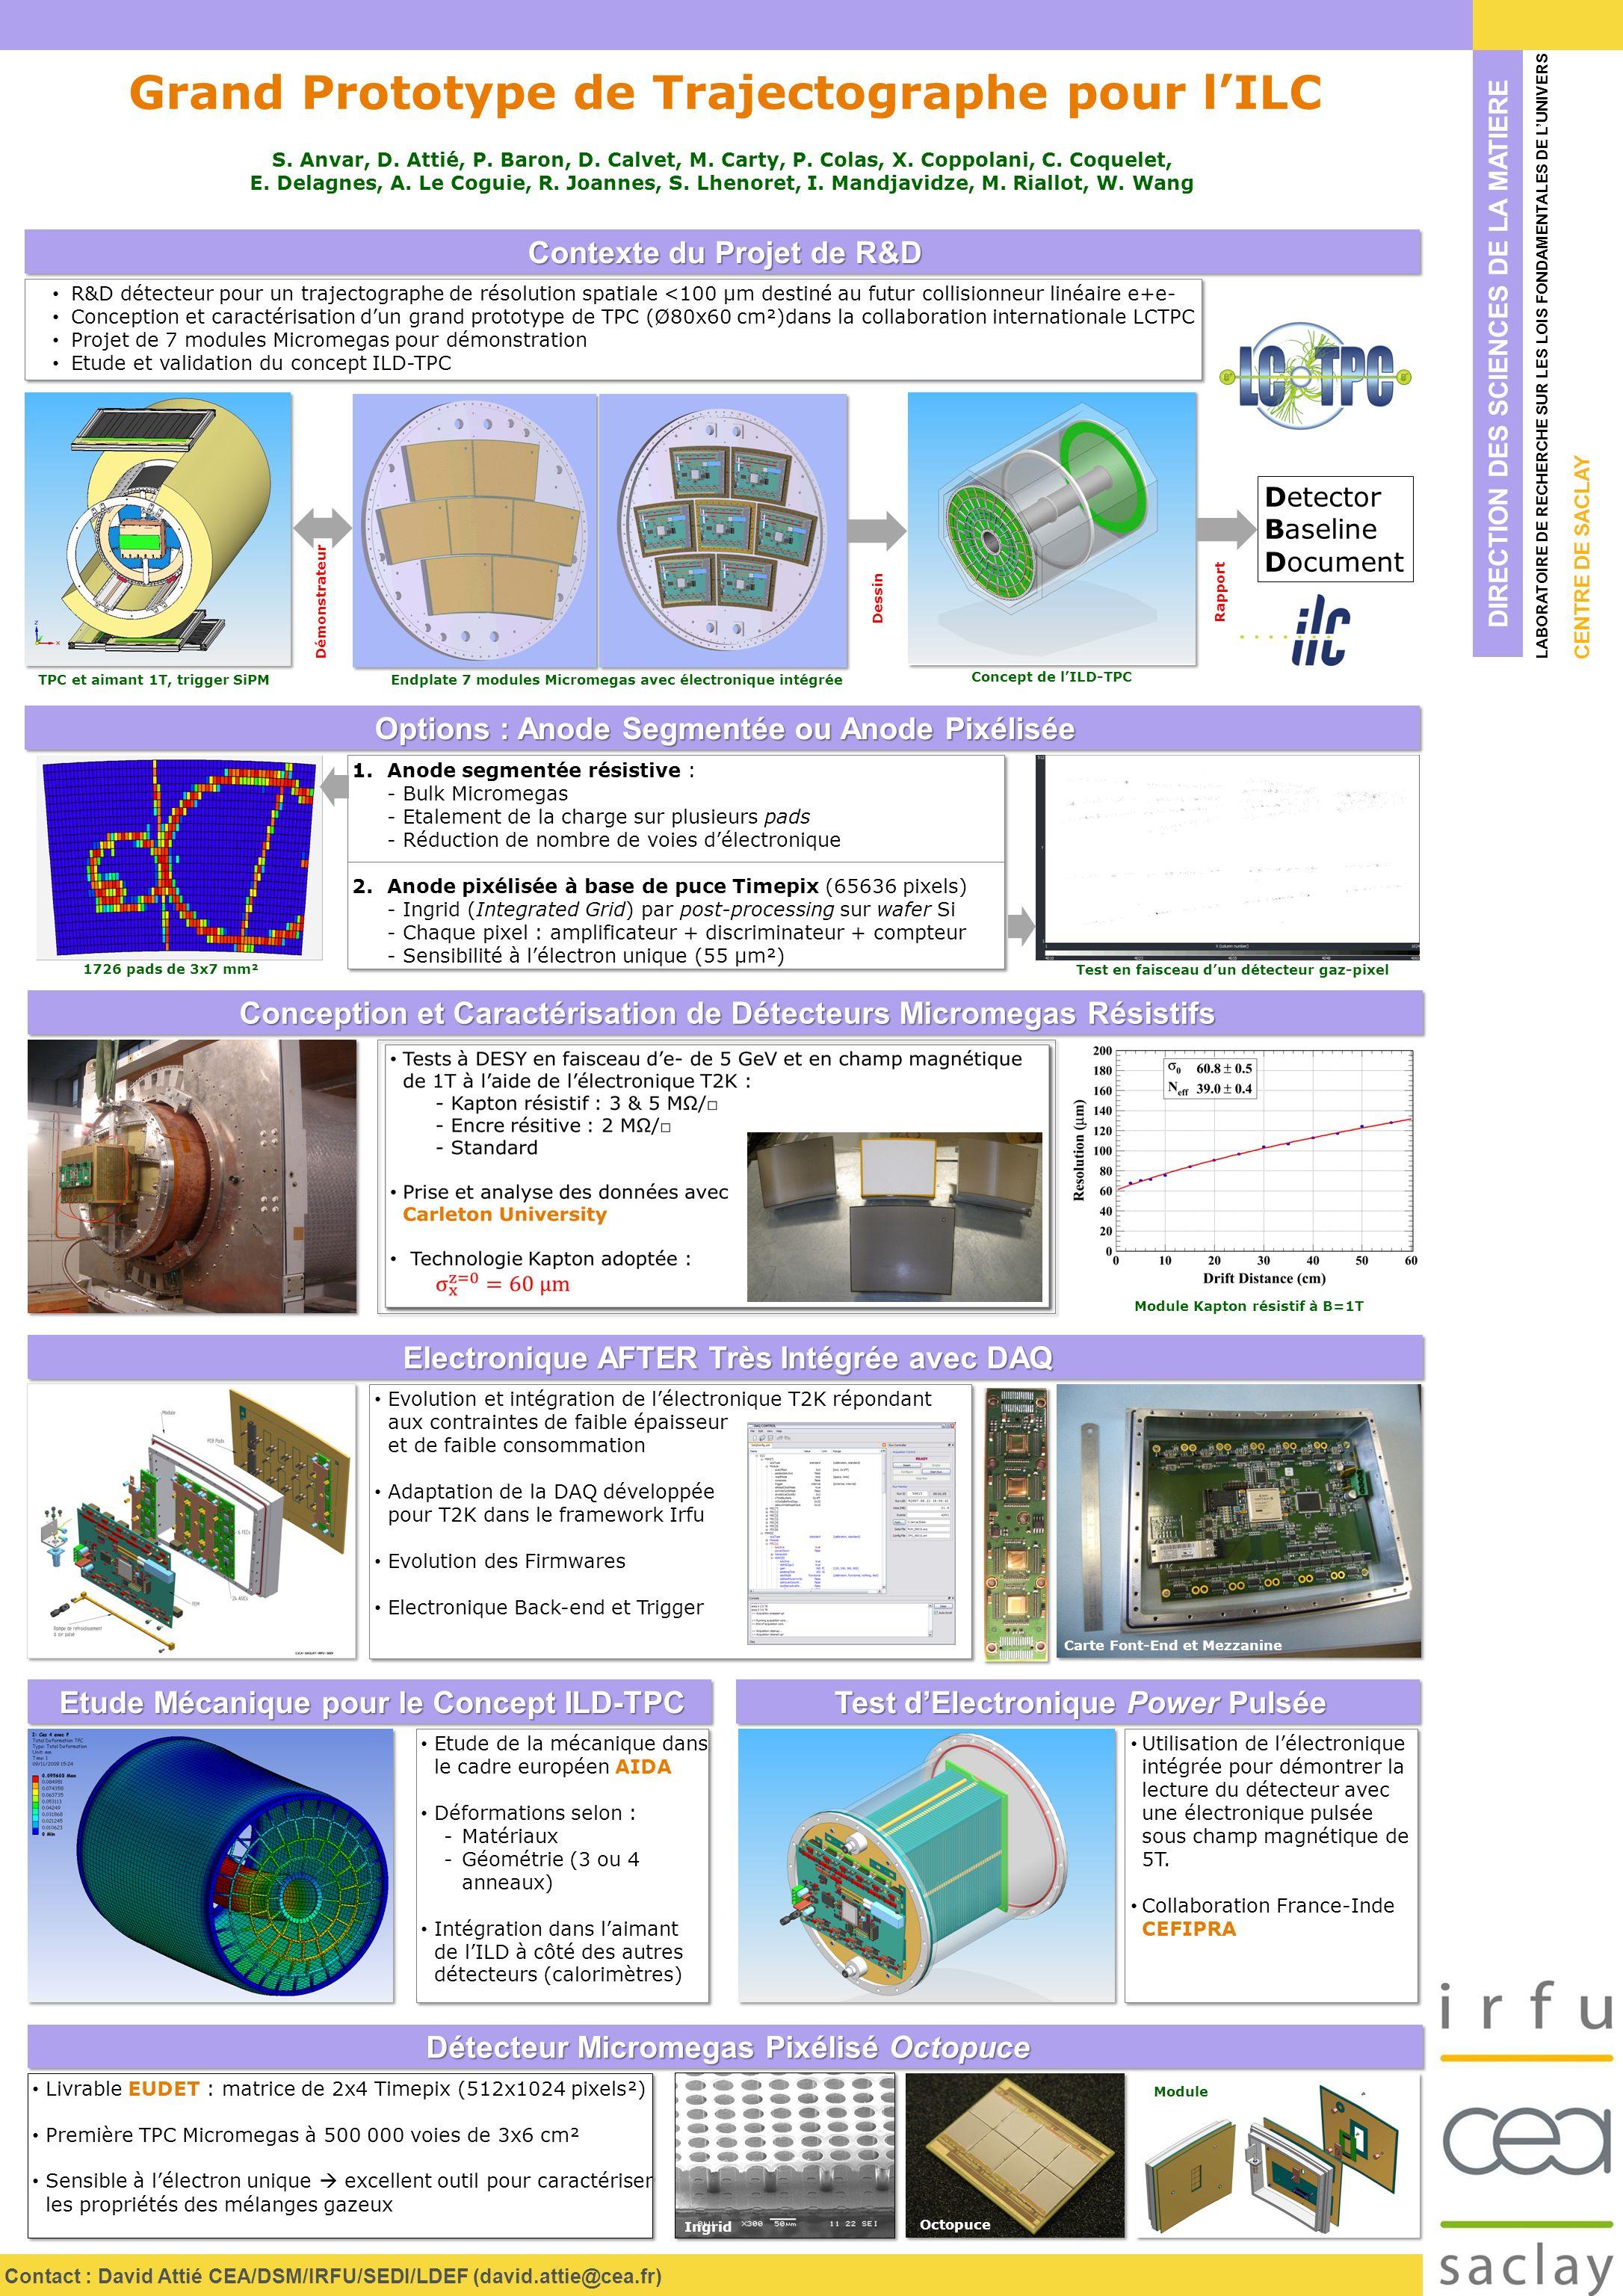 Etude de la mécanique dans le cadre européen AIDA Déformations selon : -Matériaux -Géométrie (3 ou 4 anneaux) Intégration dans laimant de lILD à côté